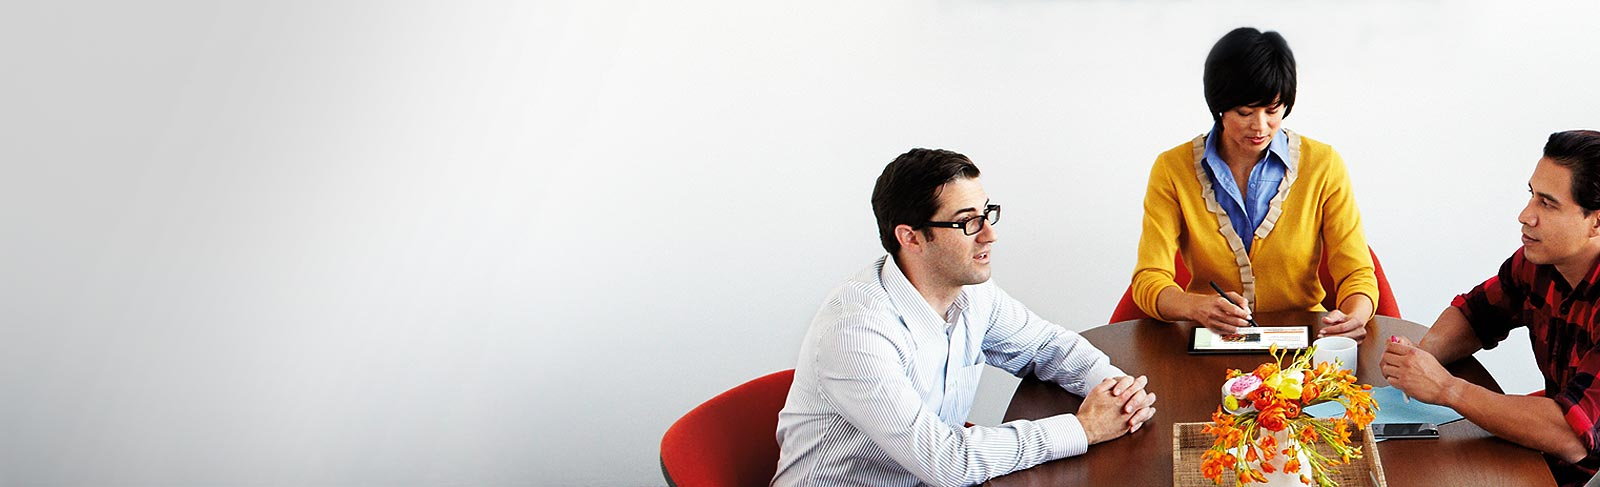 Kostenlose E-Mails, Websites und Konferenzfunktionen für Ihre gemeinnützige Organisation mit Office 365 Non-Profit.